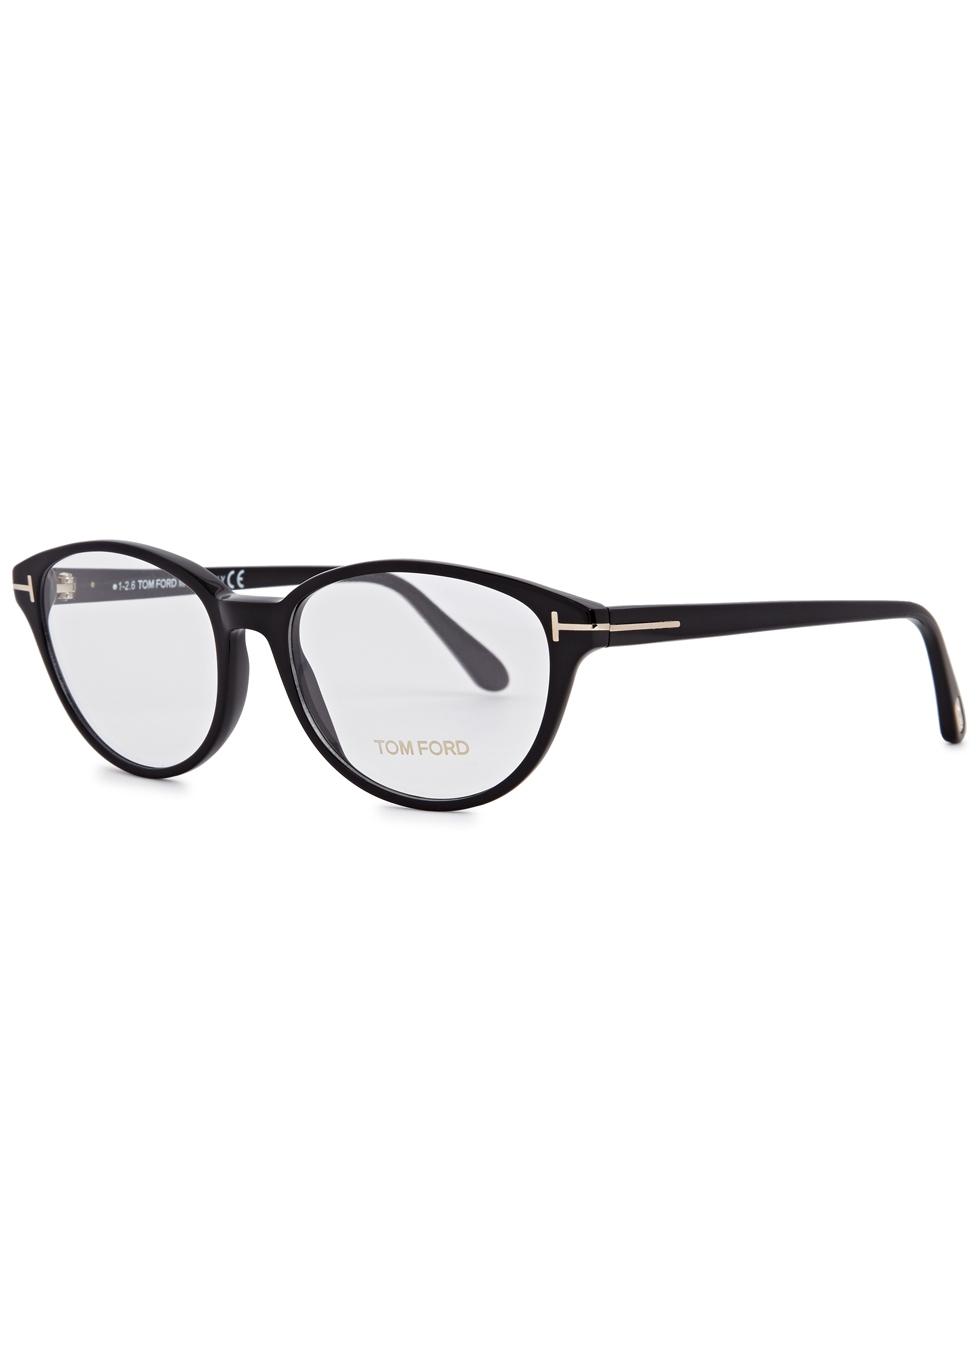 Black oval-frame optical glasses - Tom Ford